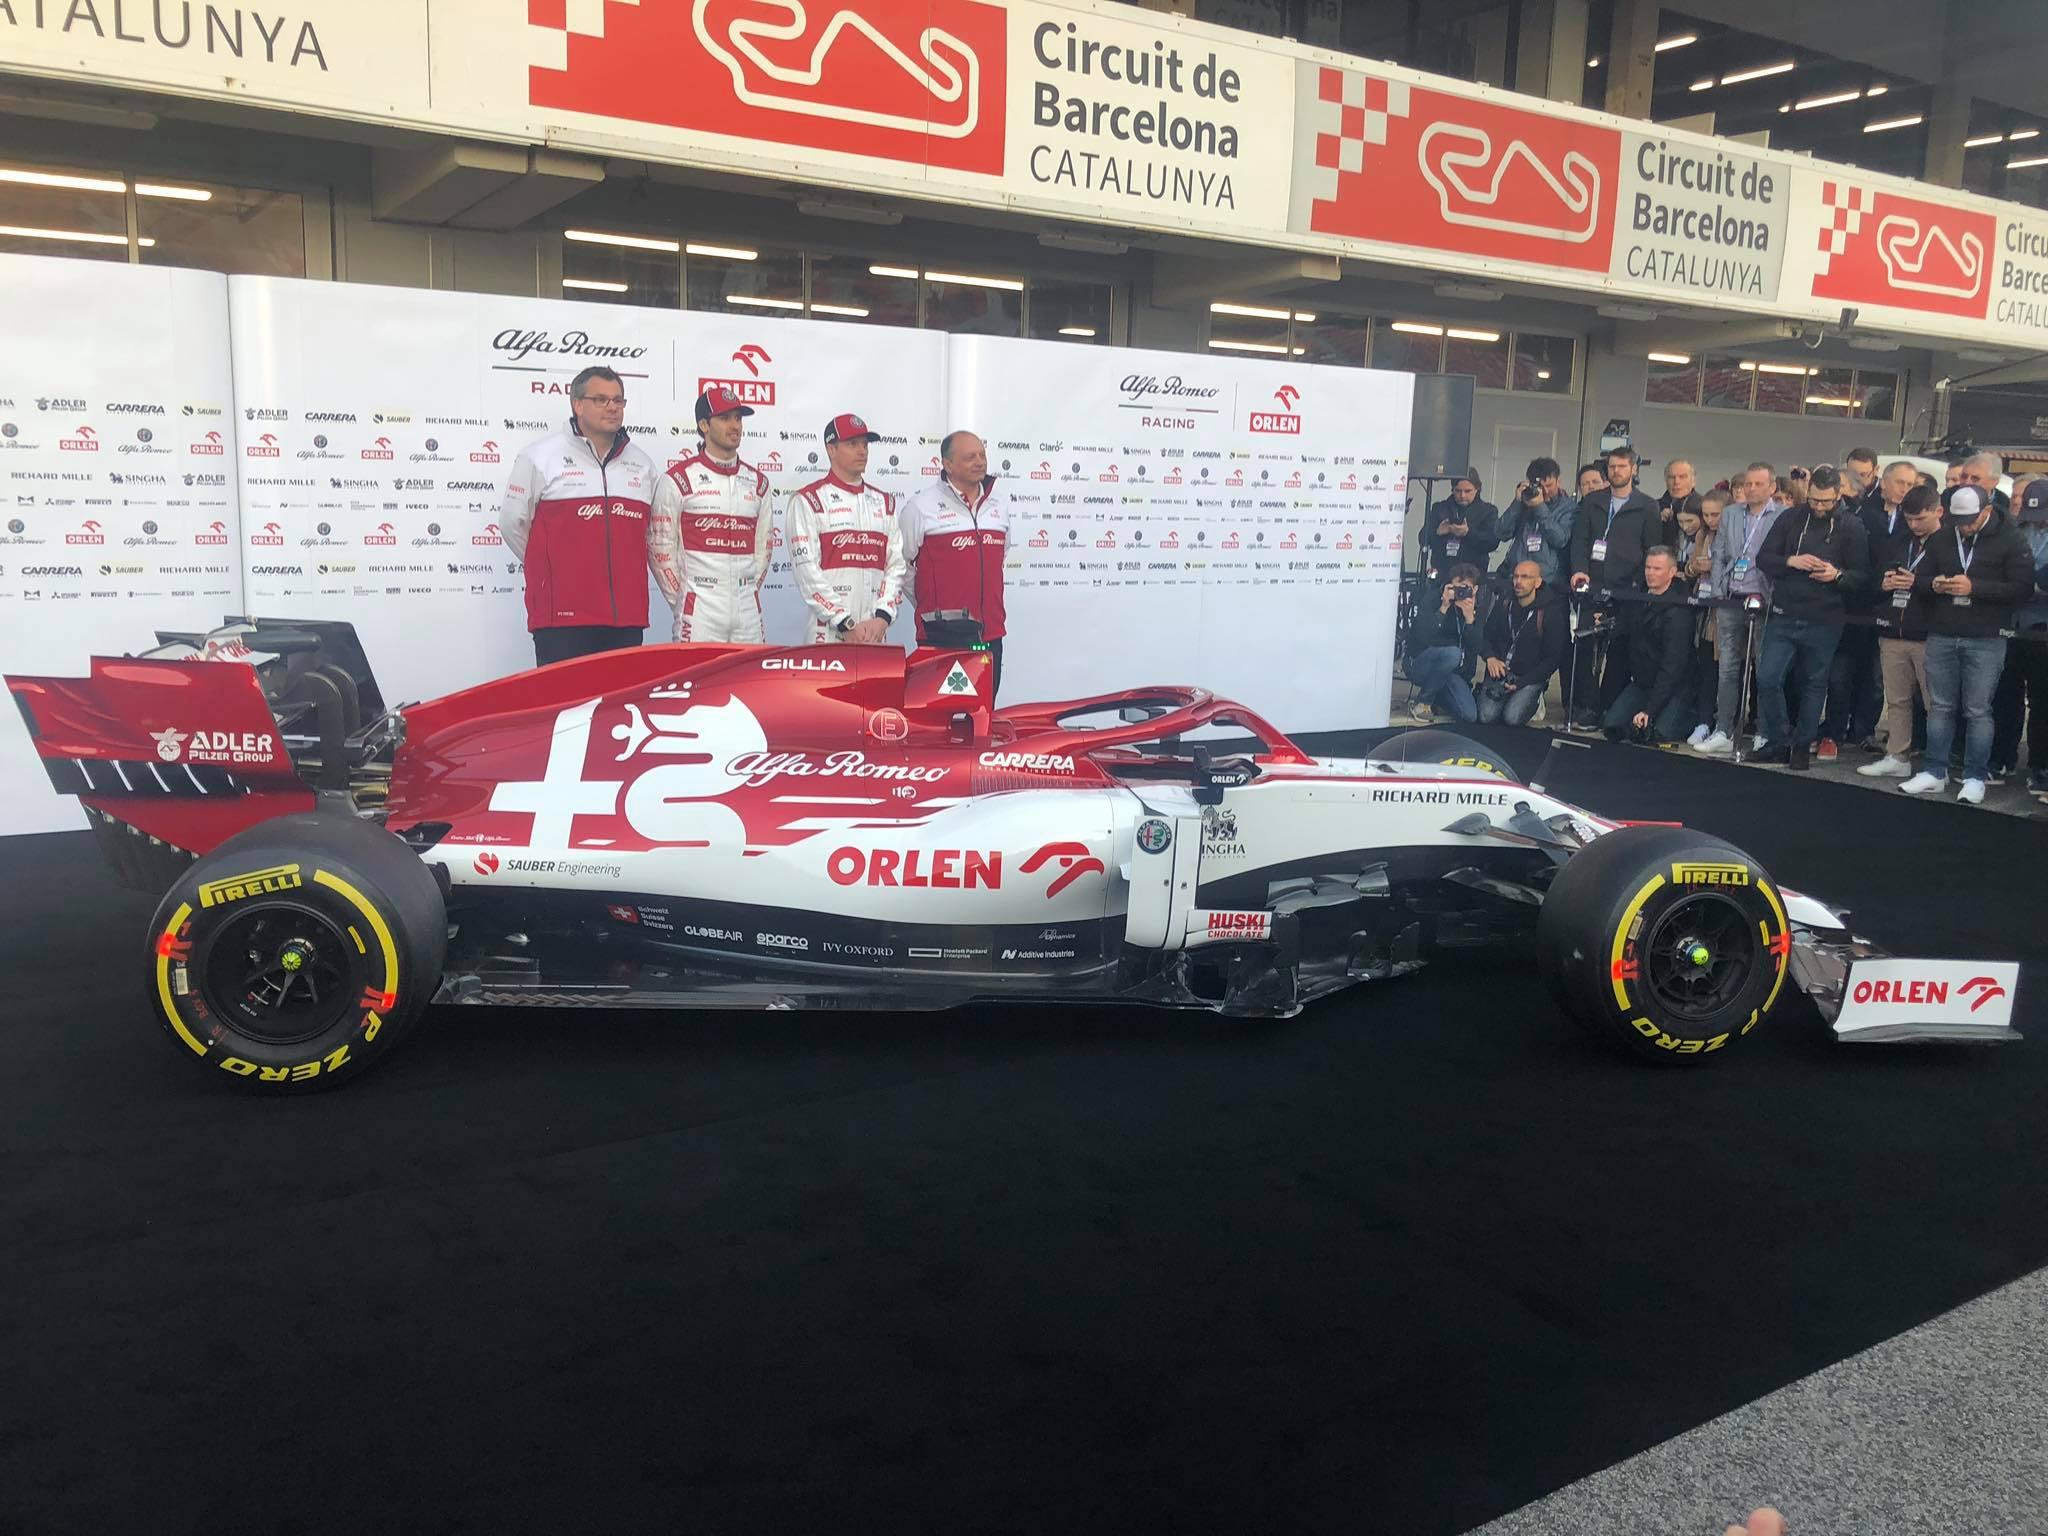 F1 Formula 1 Alfa Romeo launch